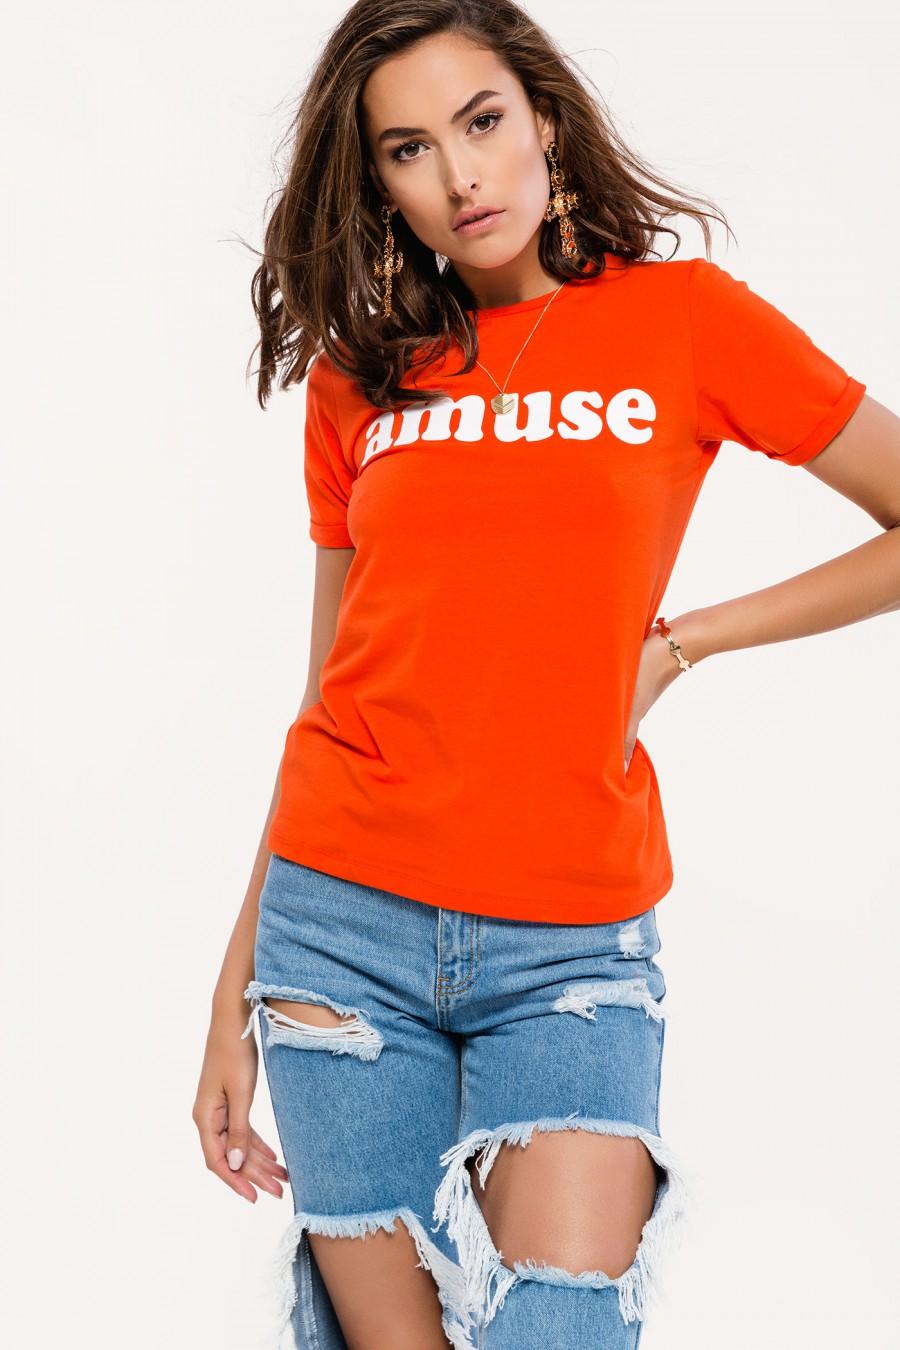 Amuse me | Fashion Webshop LOAVIES